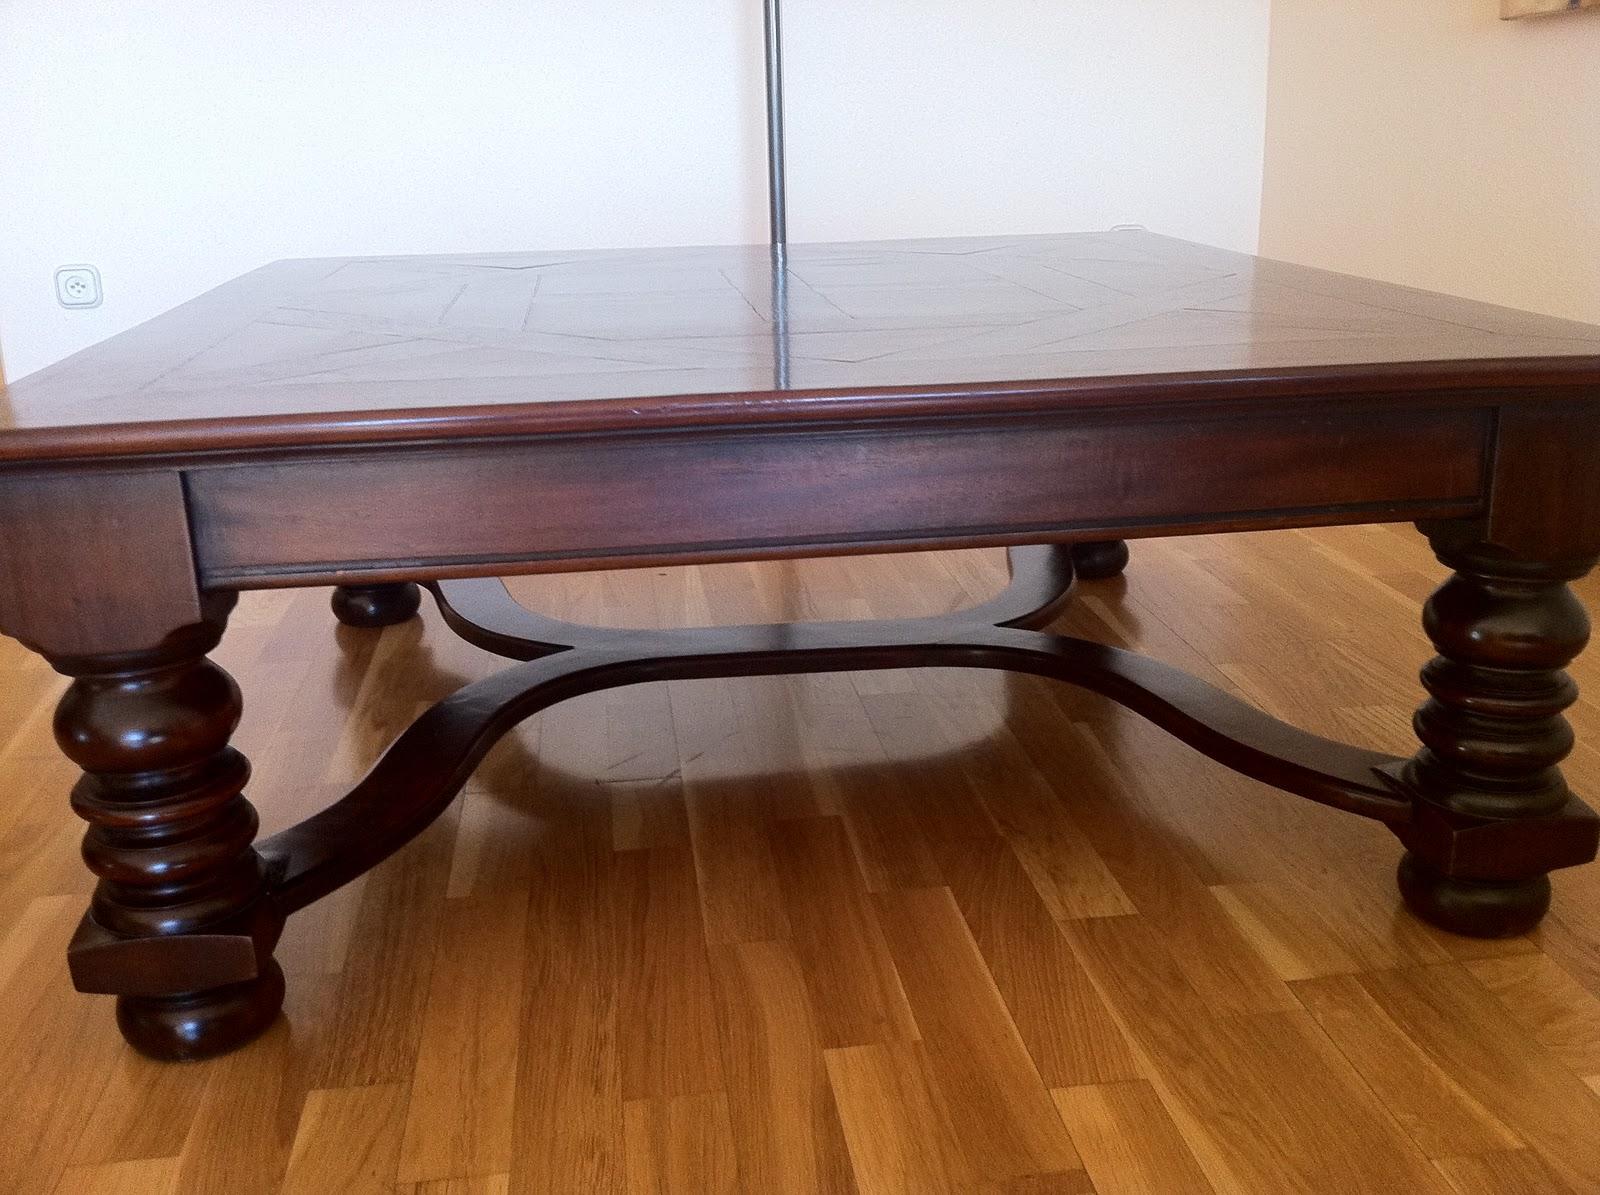 Muebles buena calidad segunda mano - Mueble vintage segunda mano ...